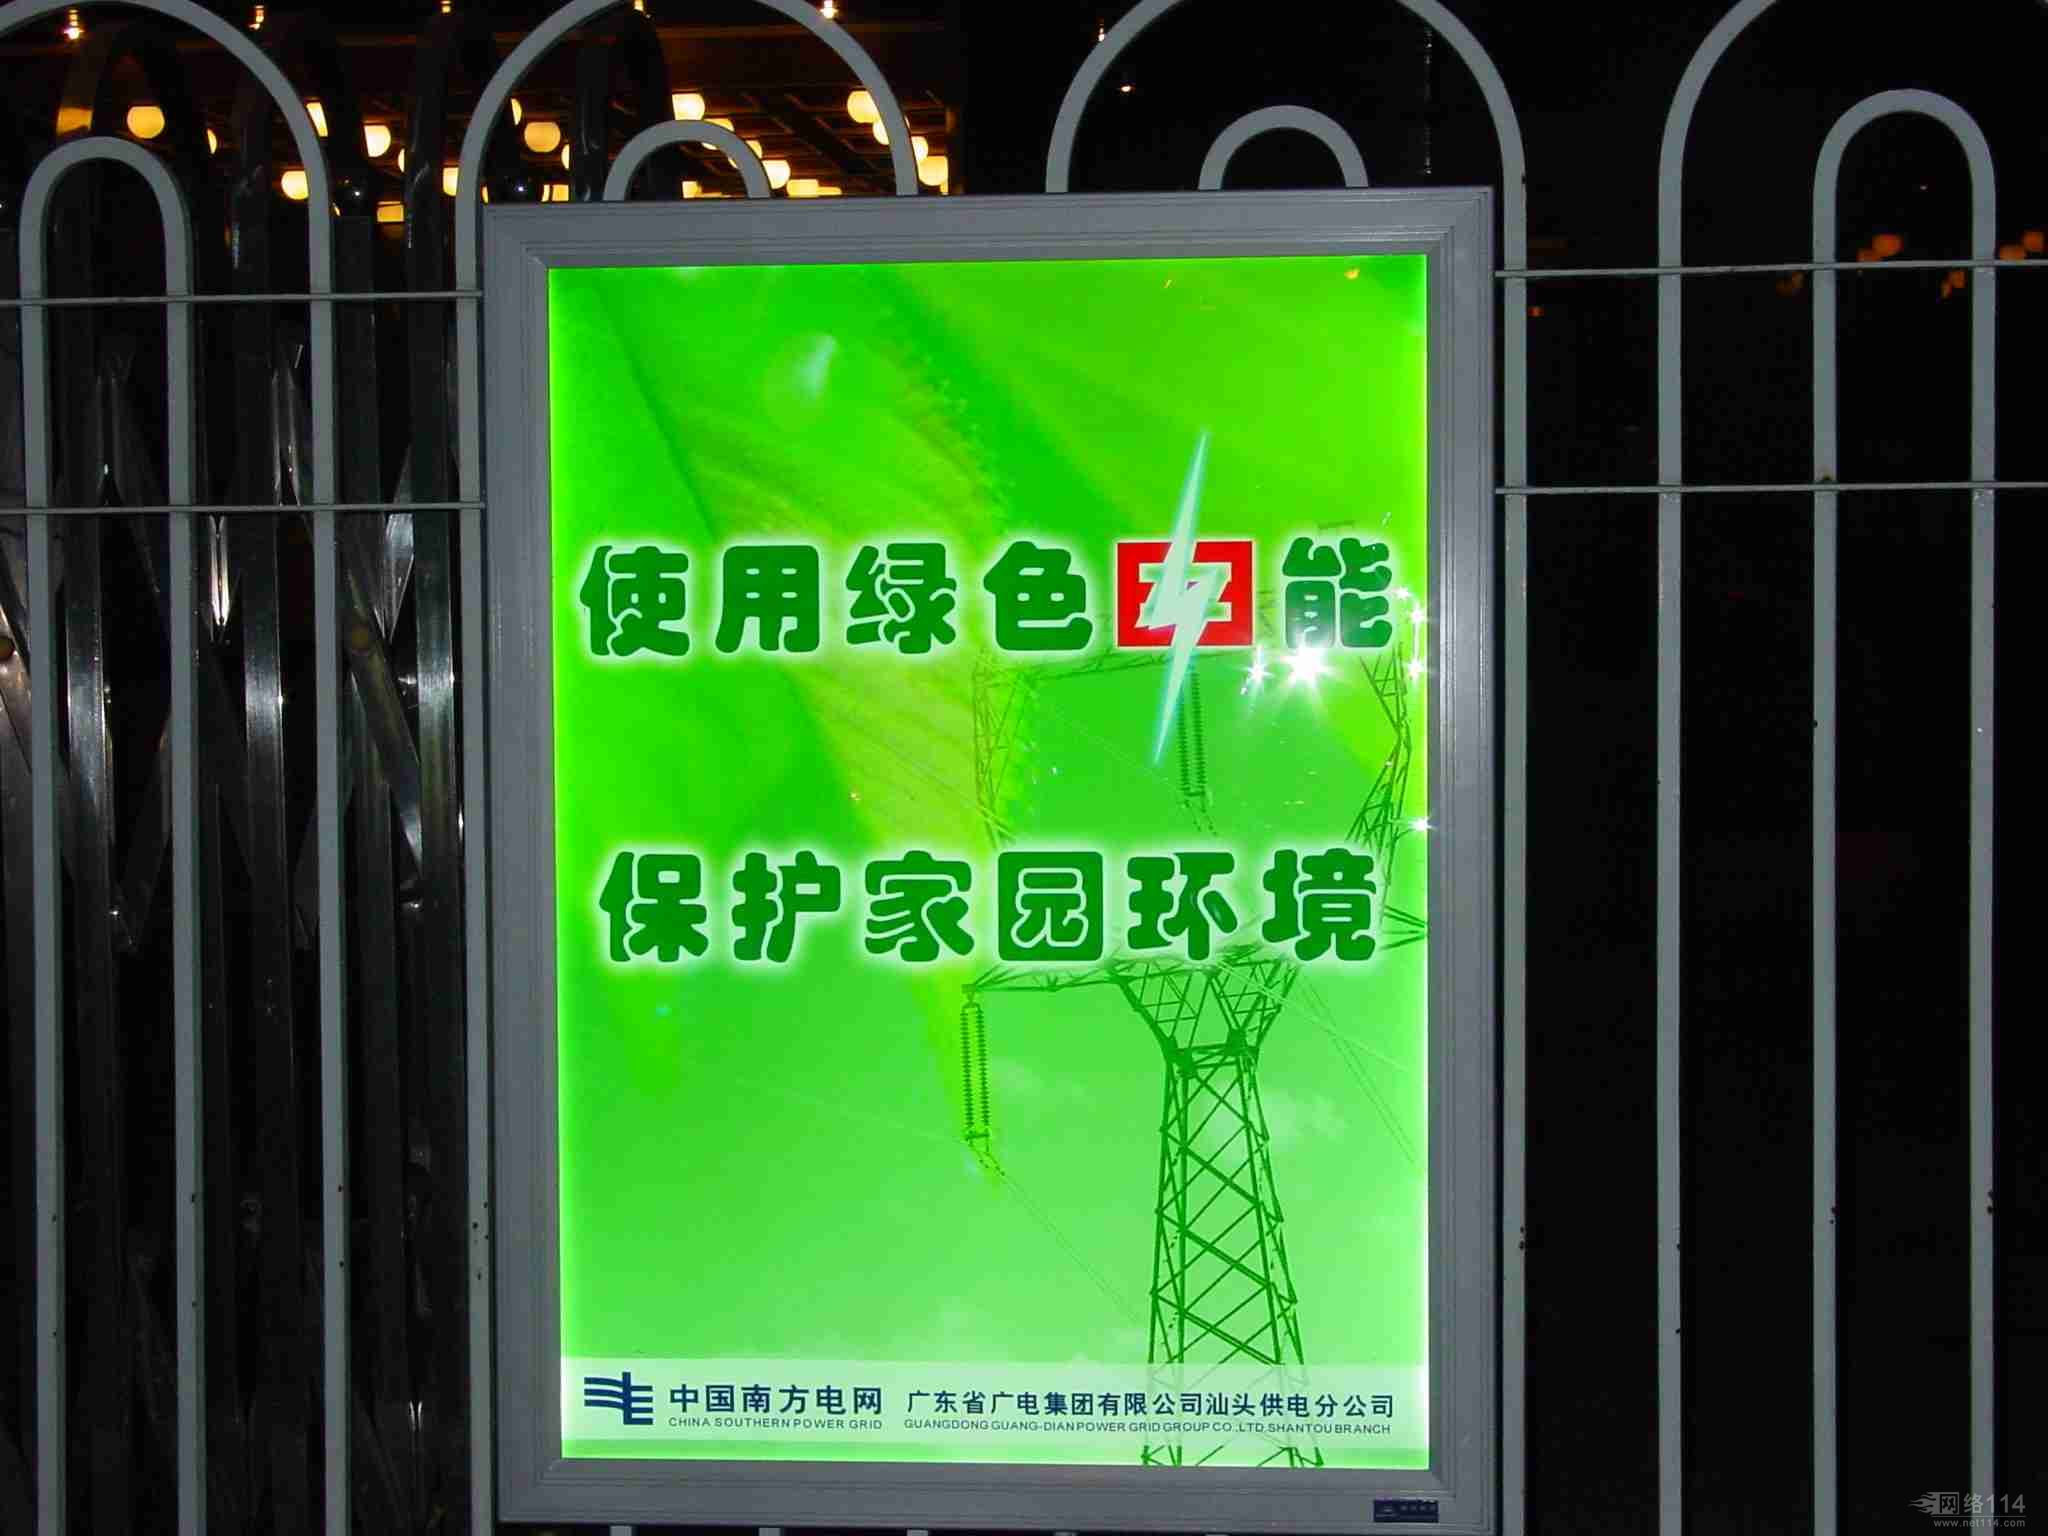 定制四边开启式翻盖铝型材单面广告牌室内电梯海报 营业执照 画框